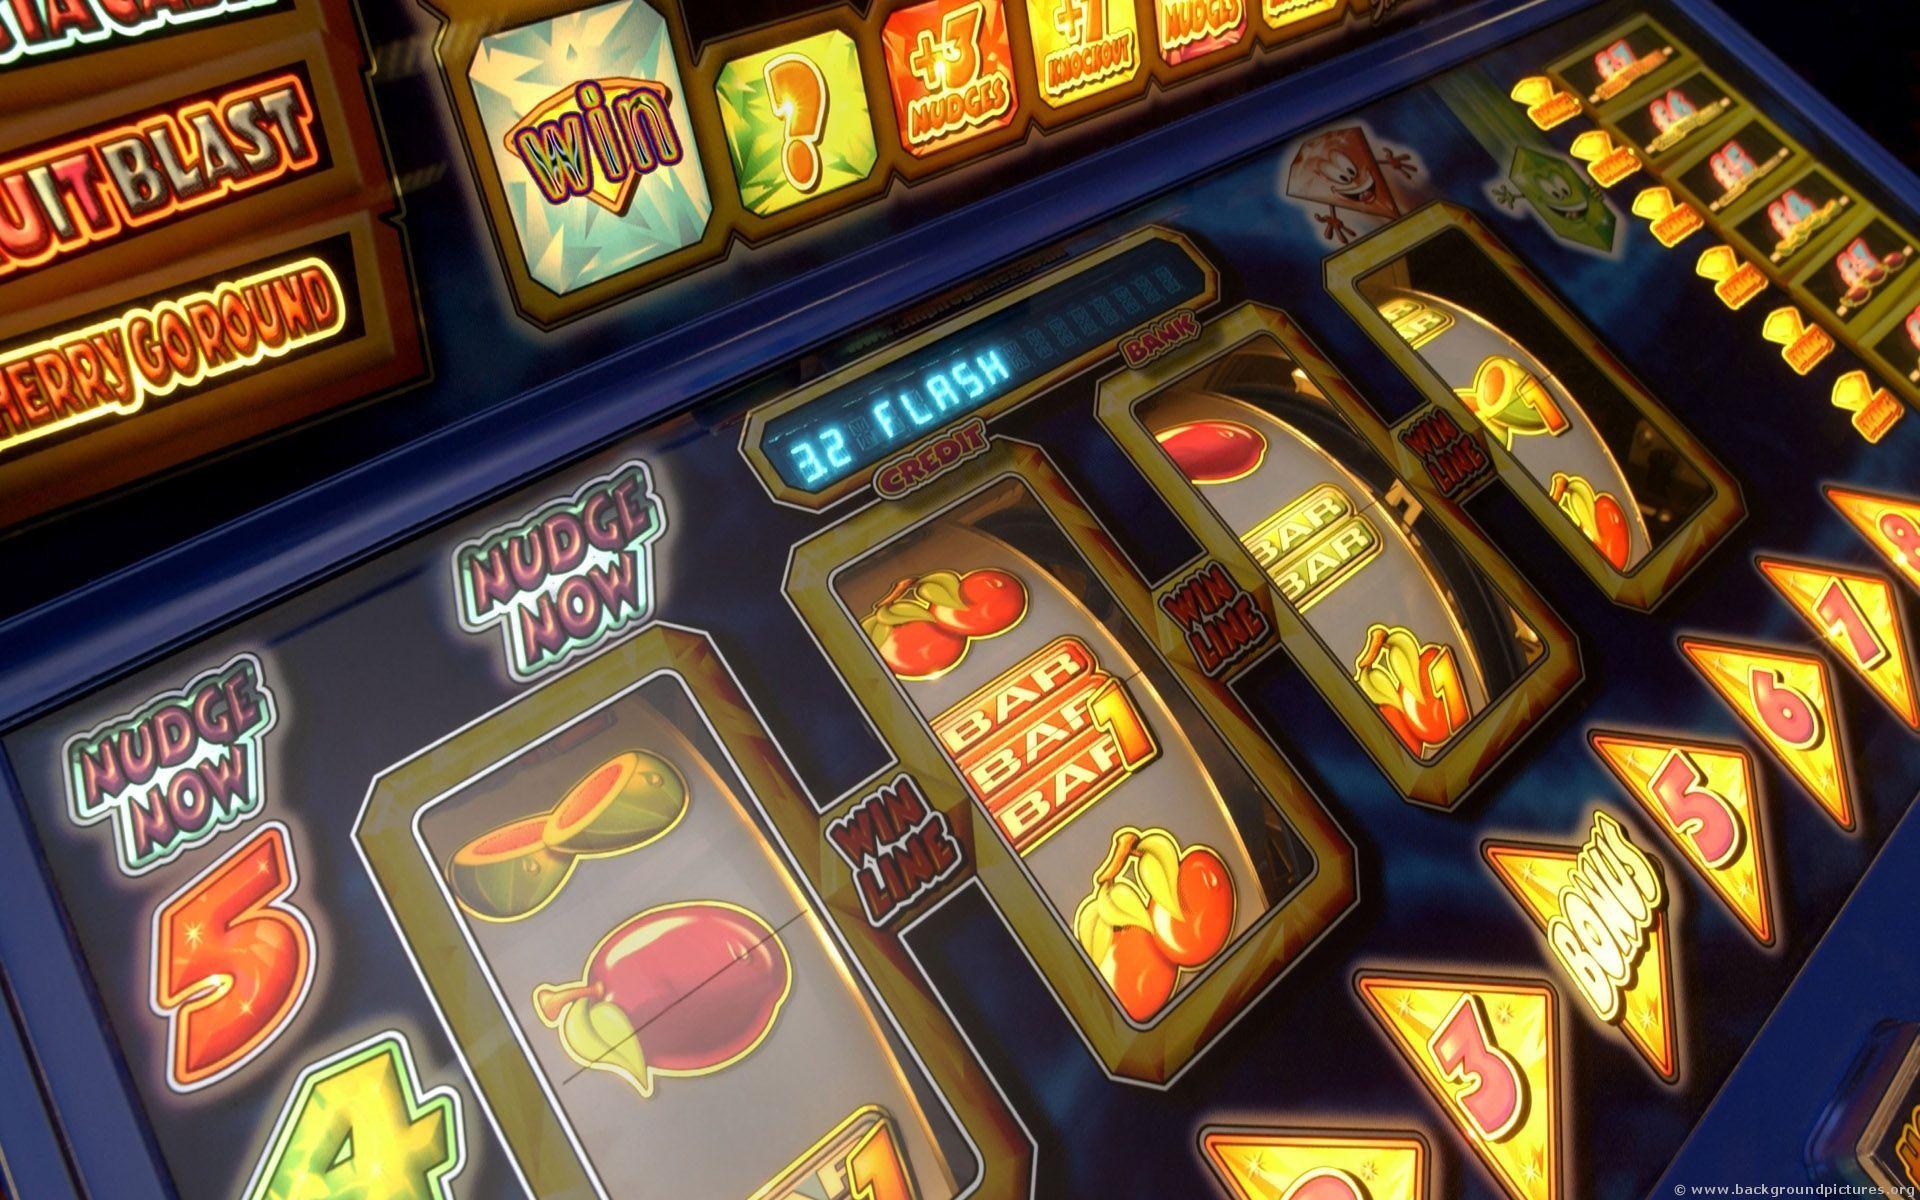 Игровые аппараты демо играть бесплатные игры.игровые аппараты.украина, для всех телефонов